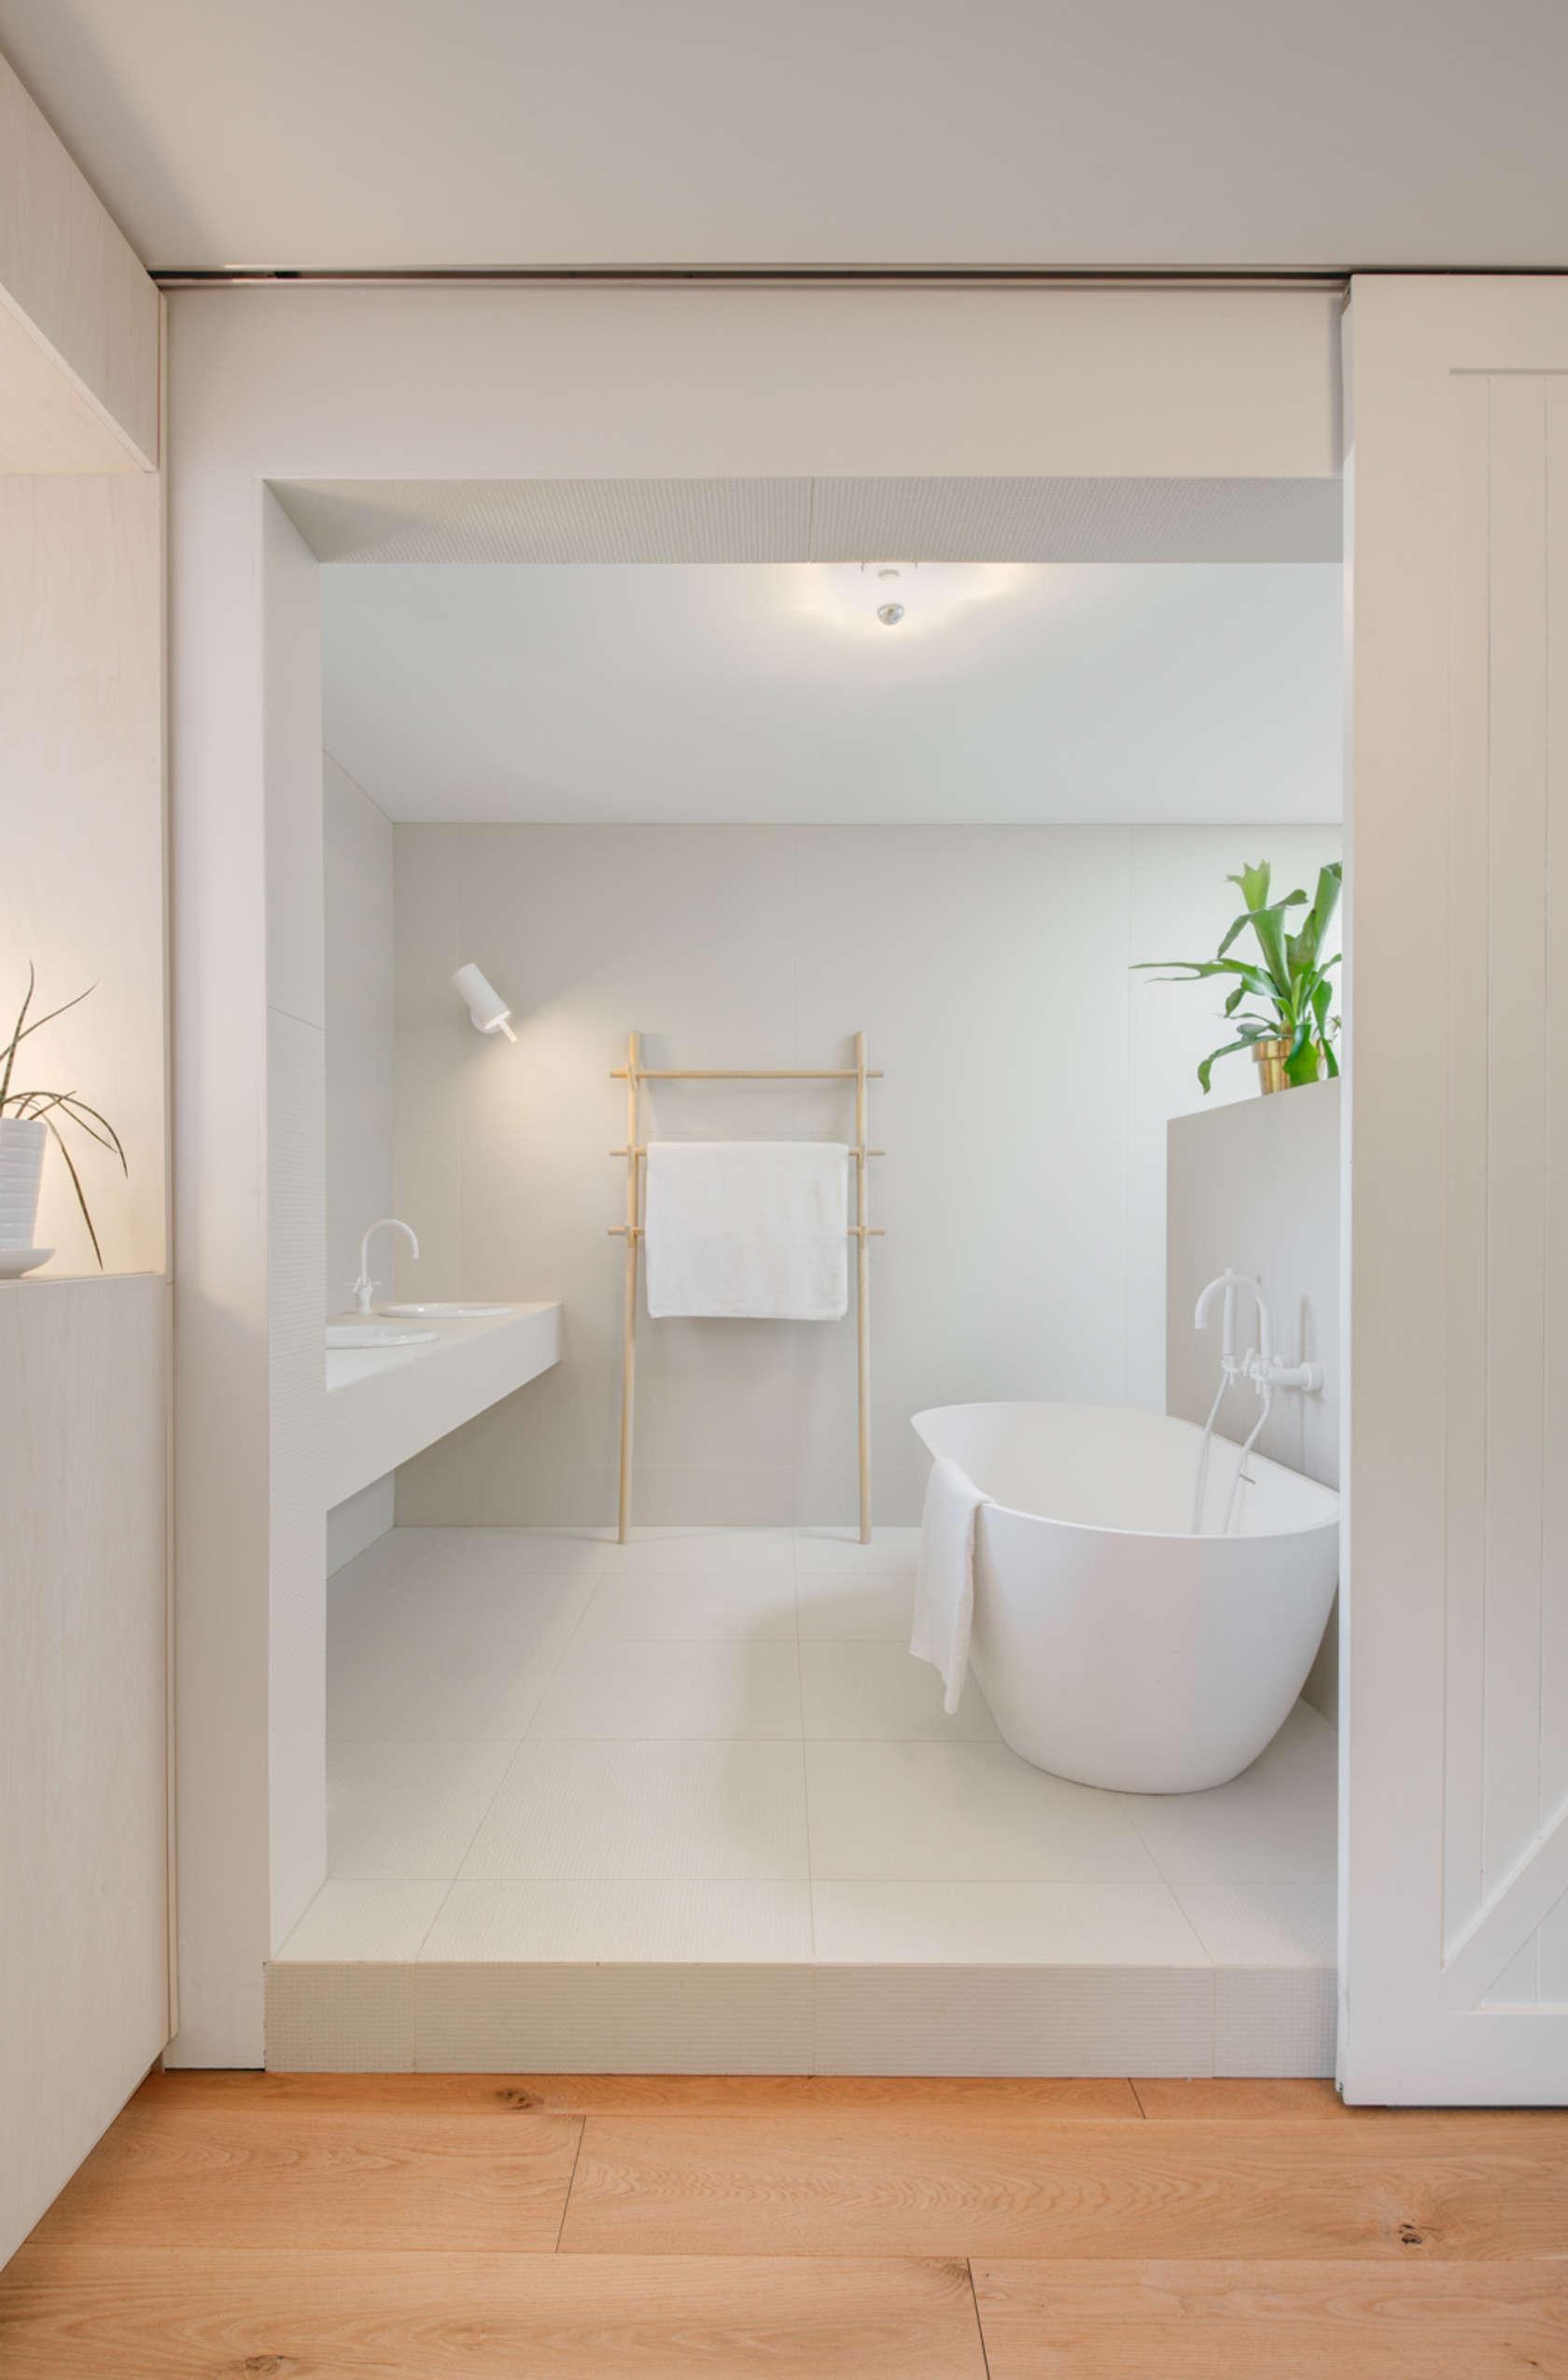 8-casa-no-canada-recebe-reforma-para-integrar-as-areas-comuns-banheiro